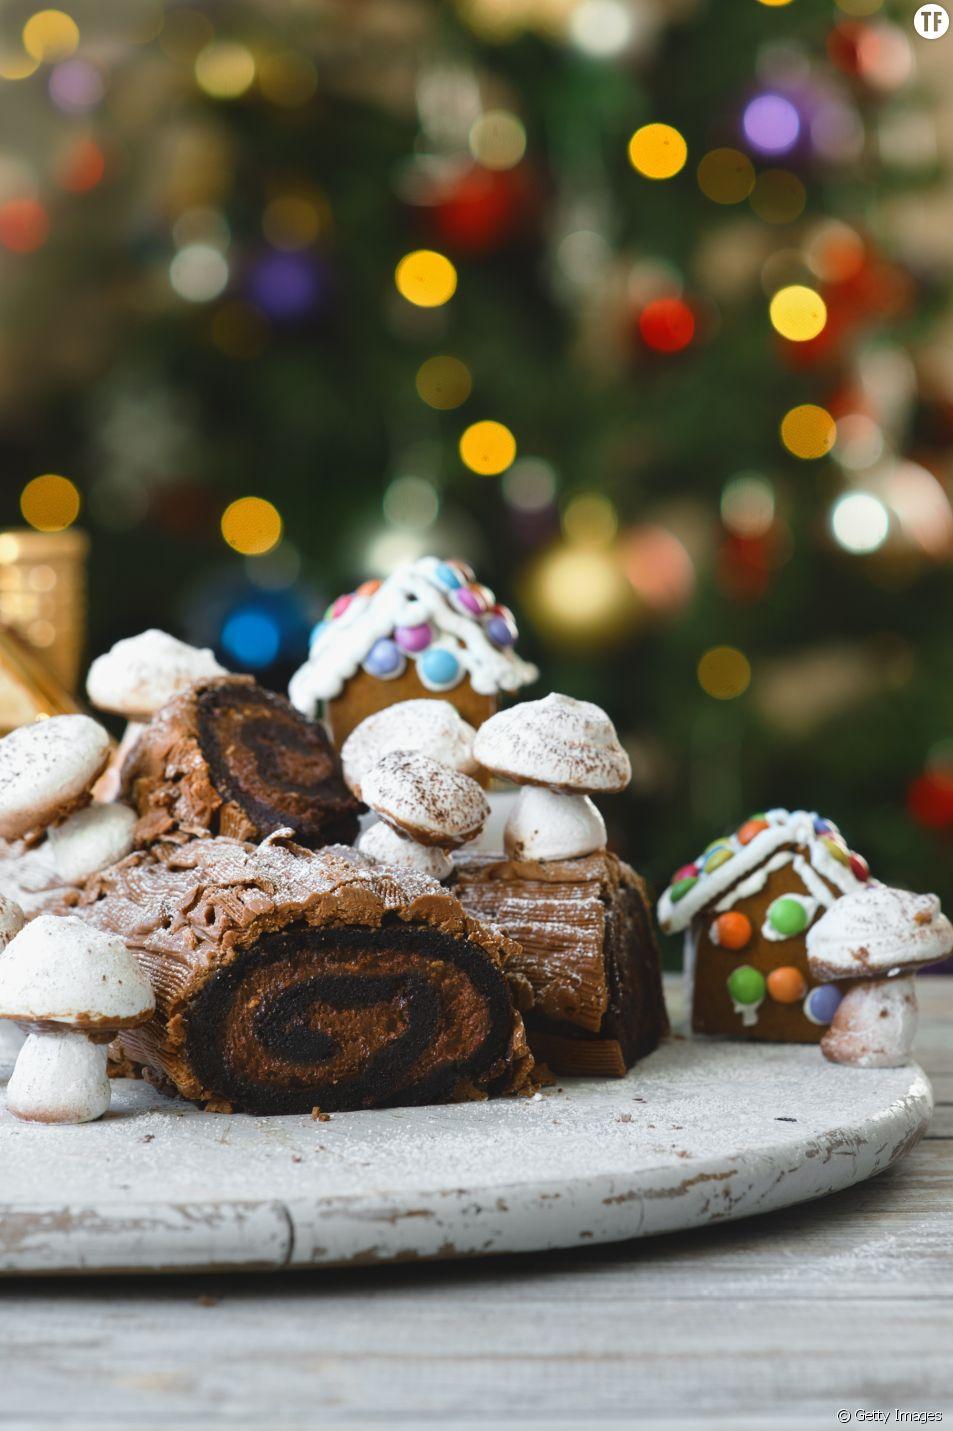 La recette facile et rapide de la bûche de Noël au chocolat